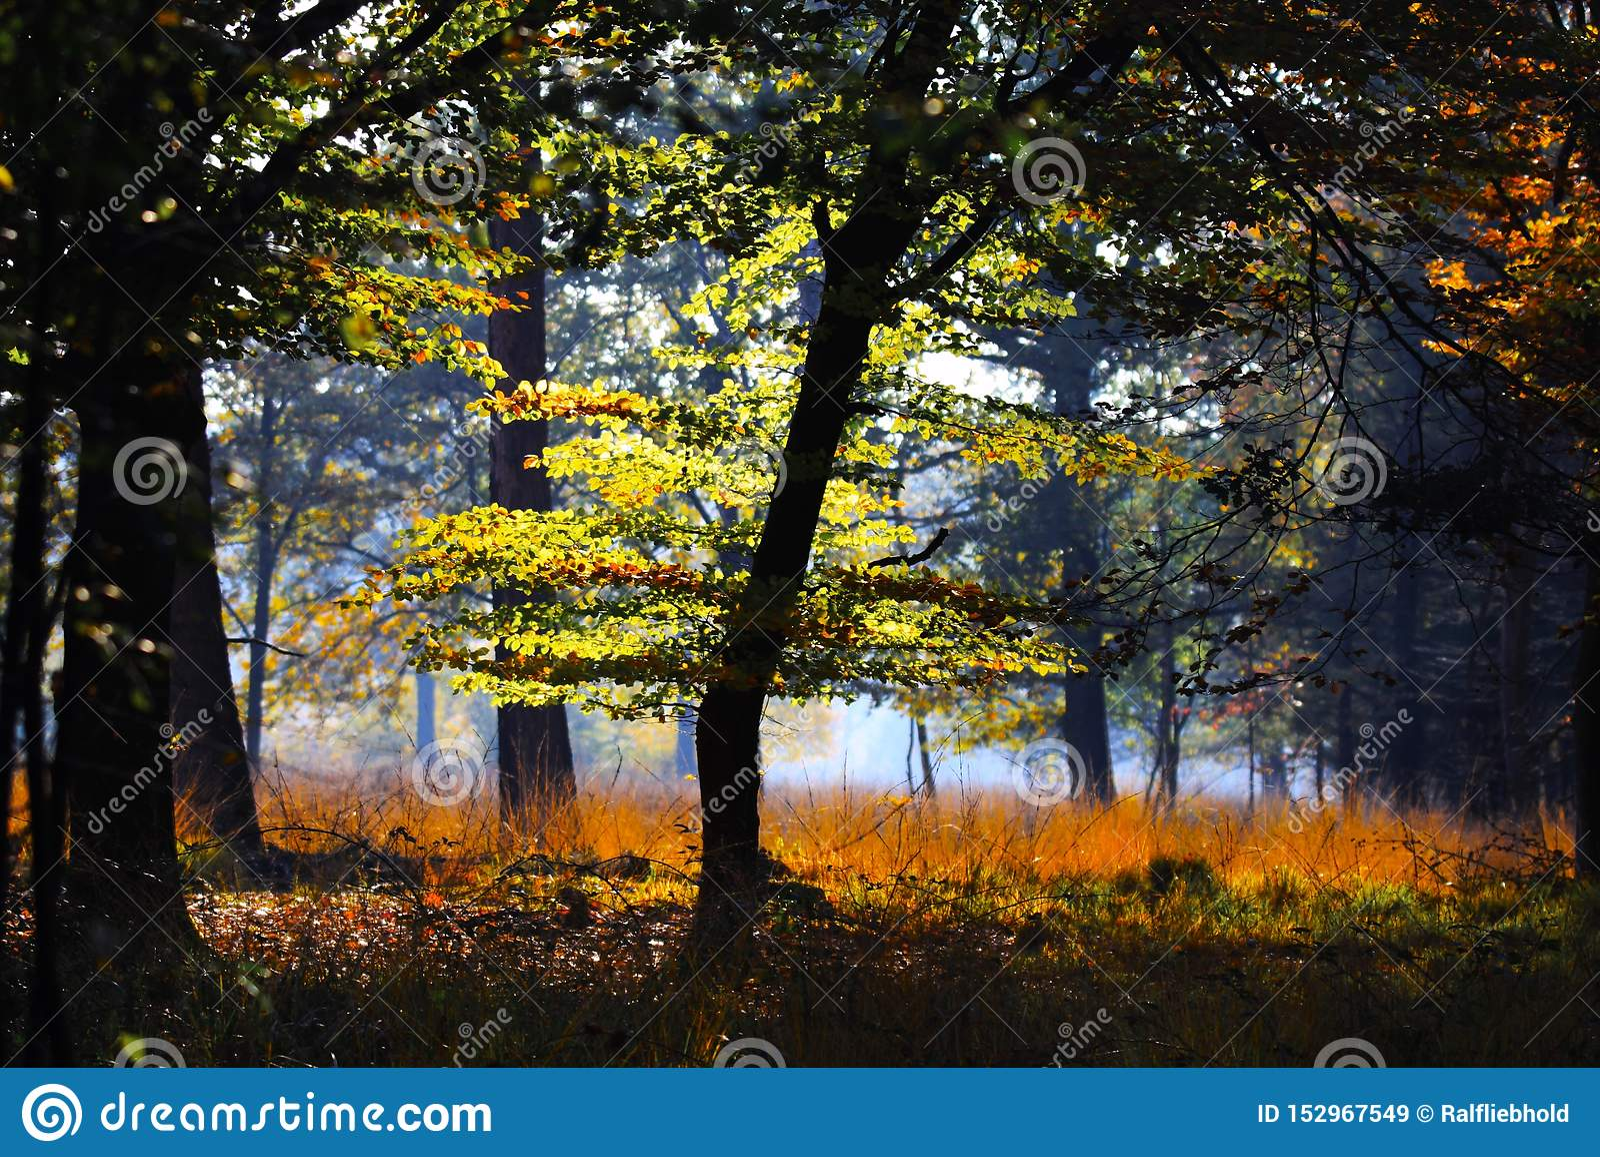 Bomen en weide in een geïsoleerde opheldering van Duitse bos het gloeien heldere gouden in de zon van de middagherfst - Brüggen,